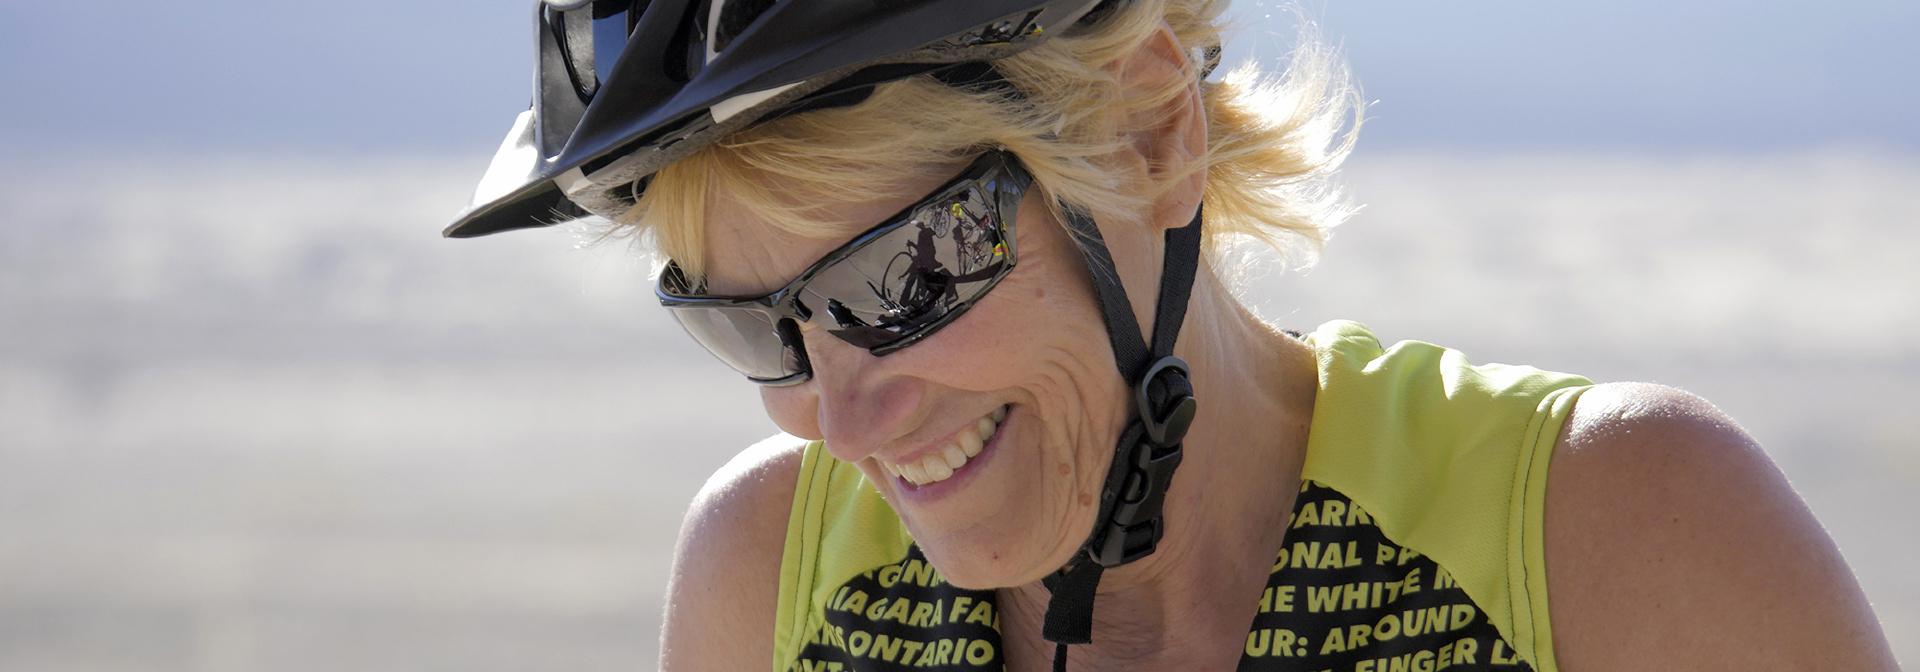 Cuba: Cycling to Havana